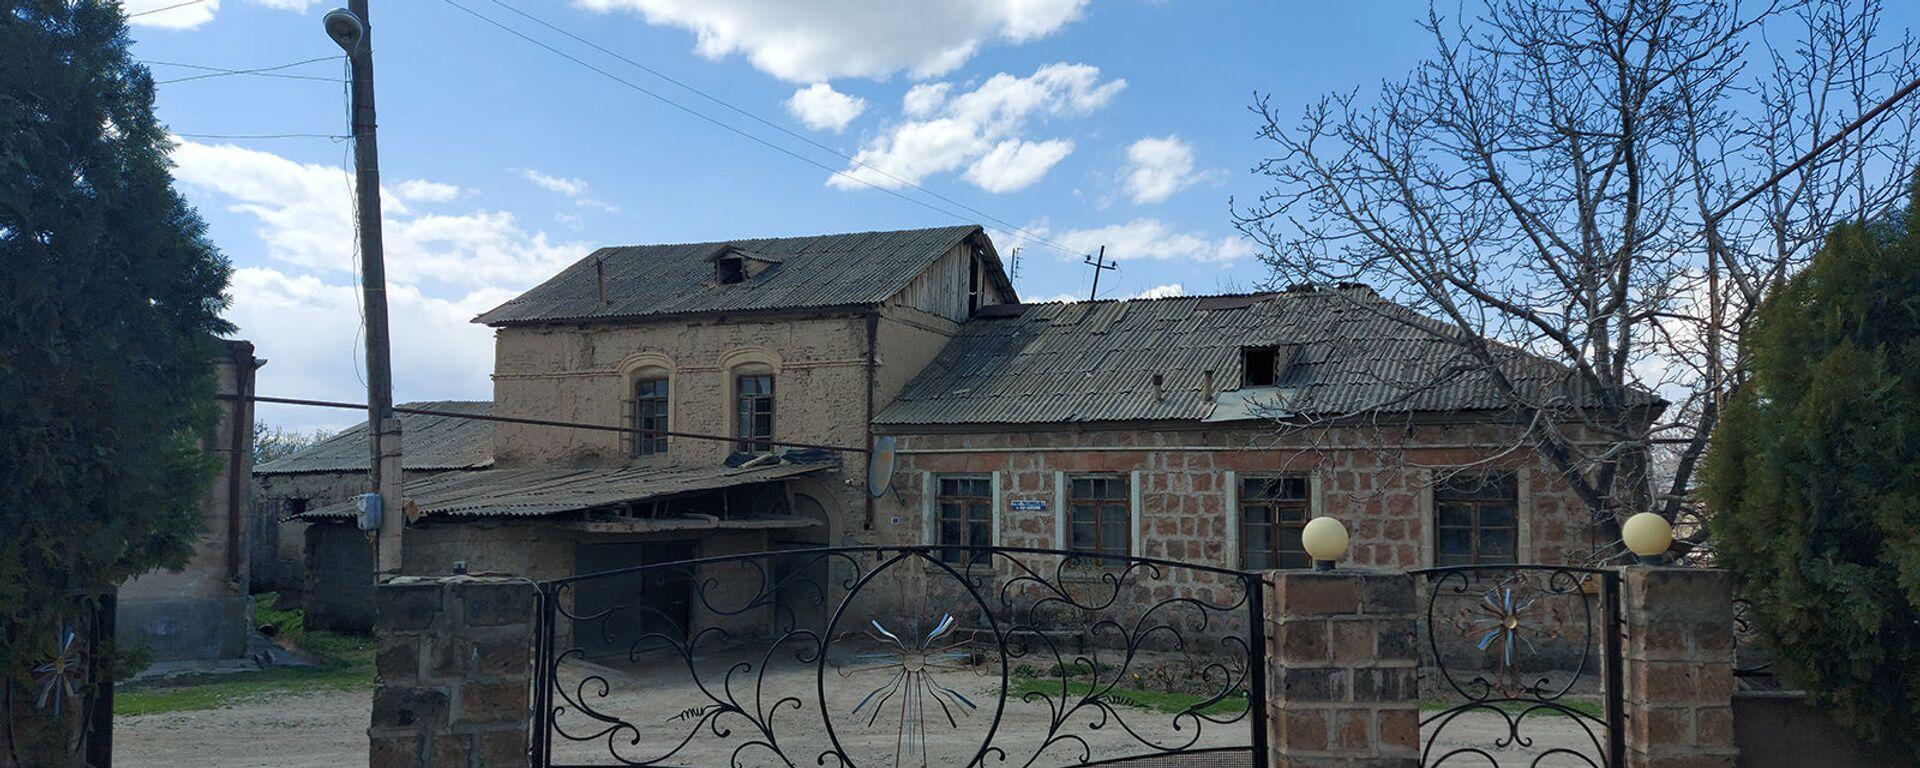 Село Верин Двин, Араратская область - Sputnik Армения, 1920, 07.04.2021